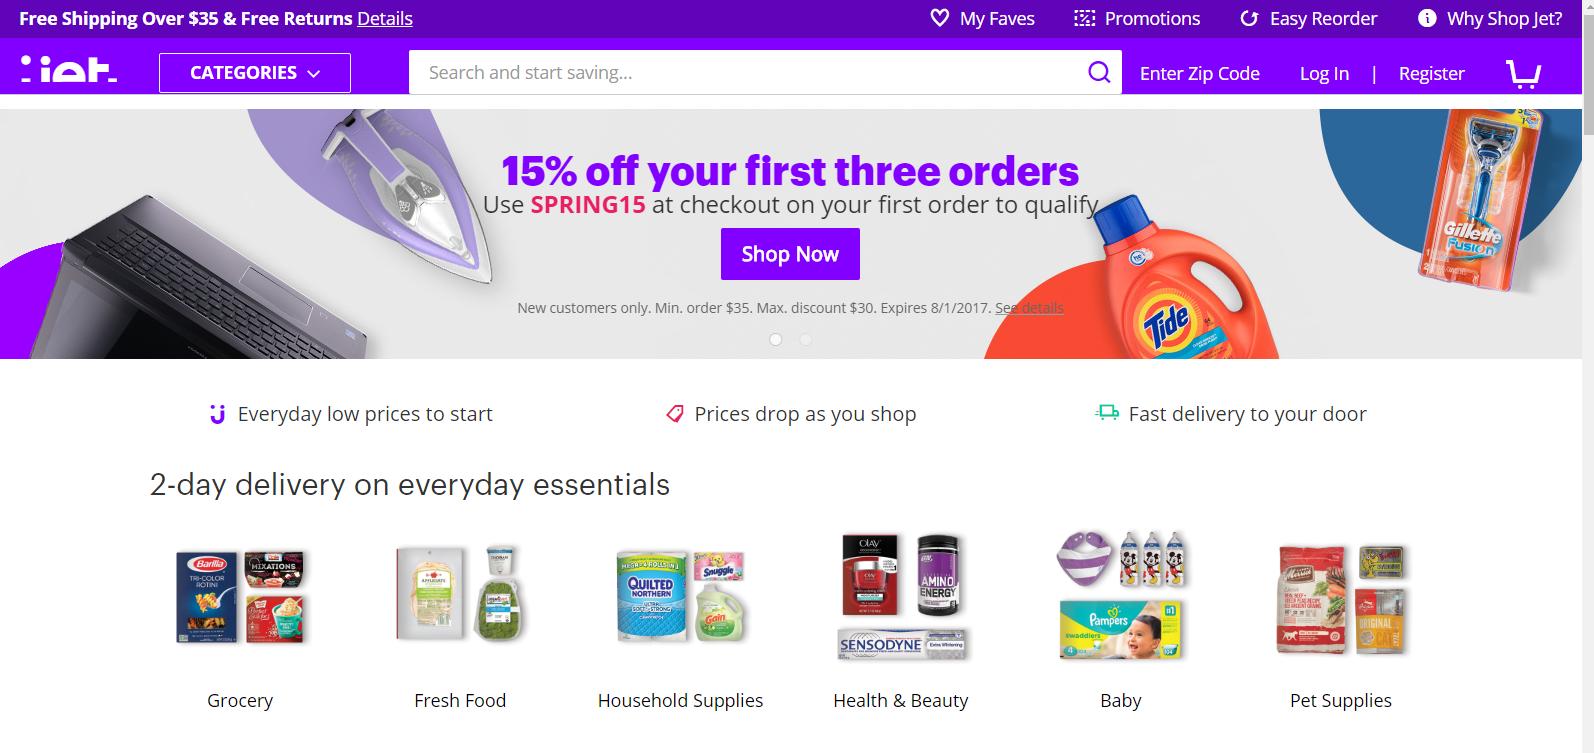 Jet.com Homepage, 2017